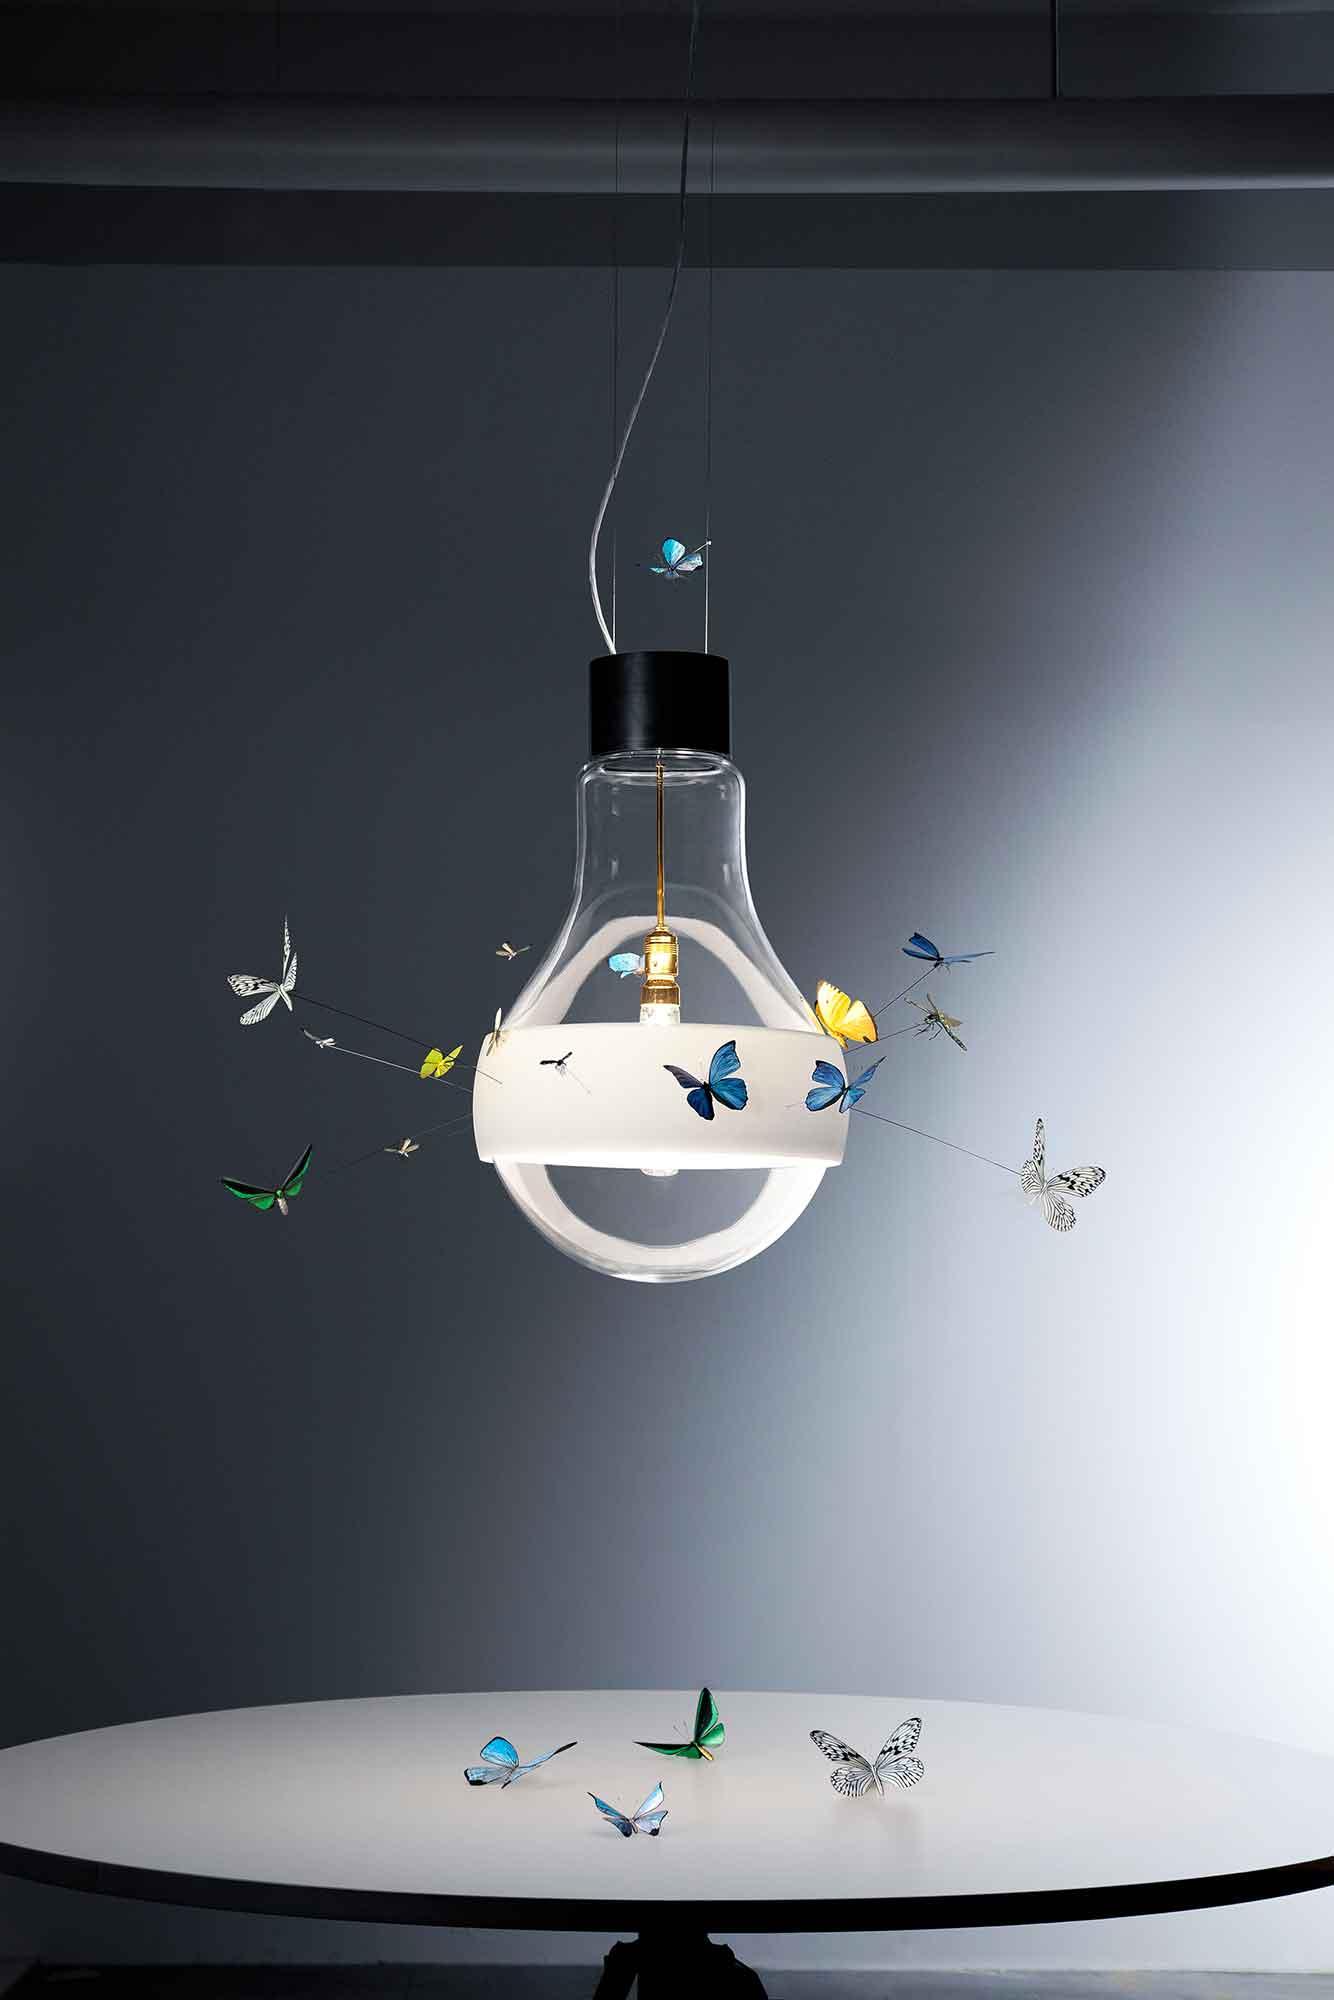 warum kreisen fliegen um lampen